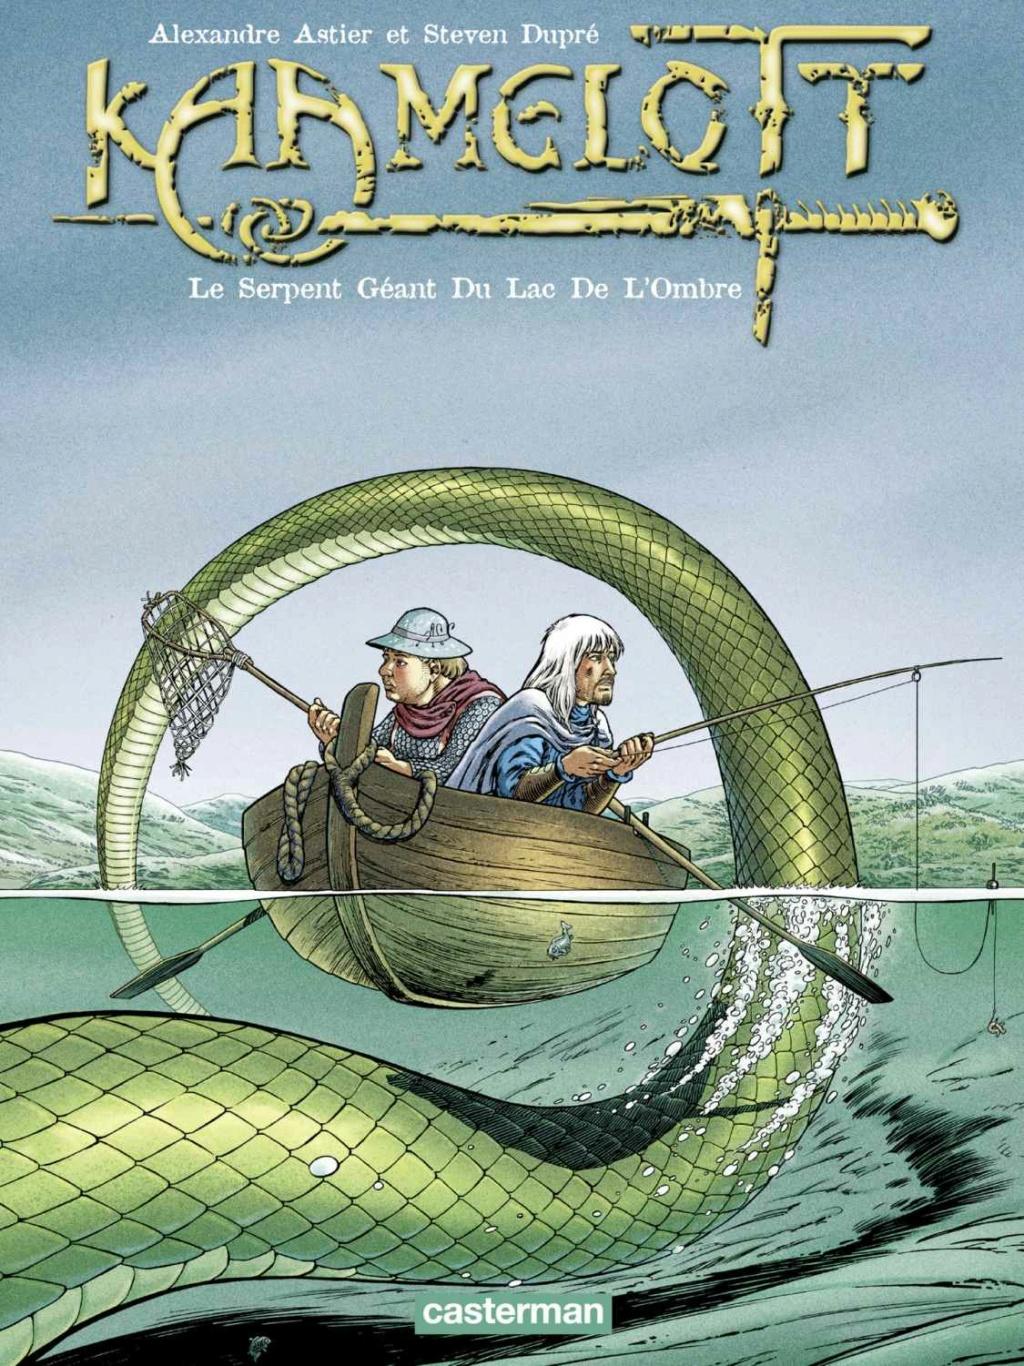 Kaamelott - Tome 5: Le Serpent Géant du Lac de L'Ombre [Astier, Alexandre & Dupré, Steven] Le_ser10